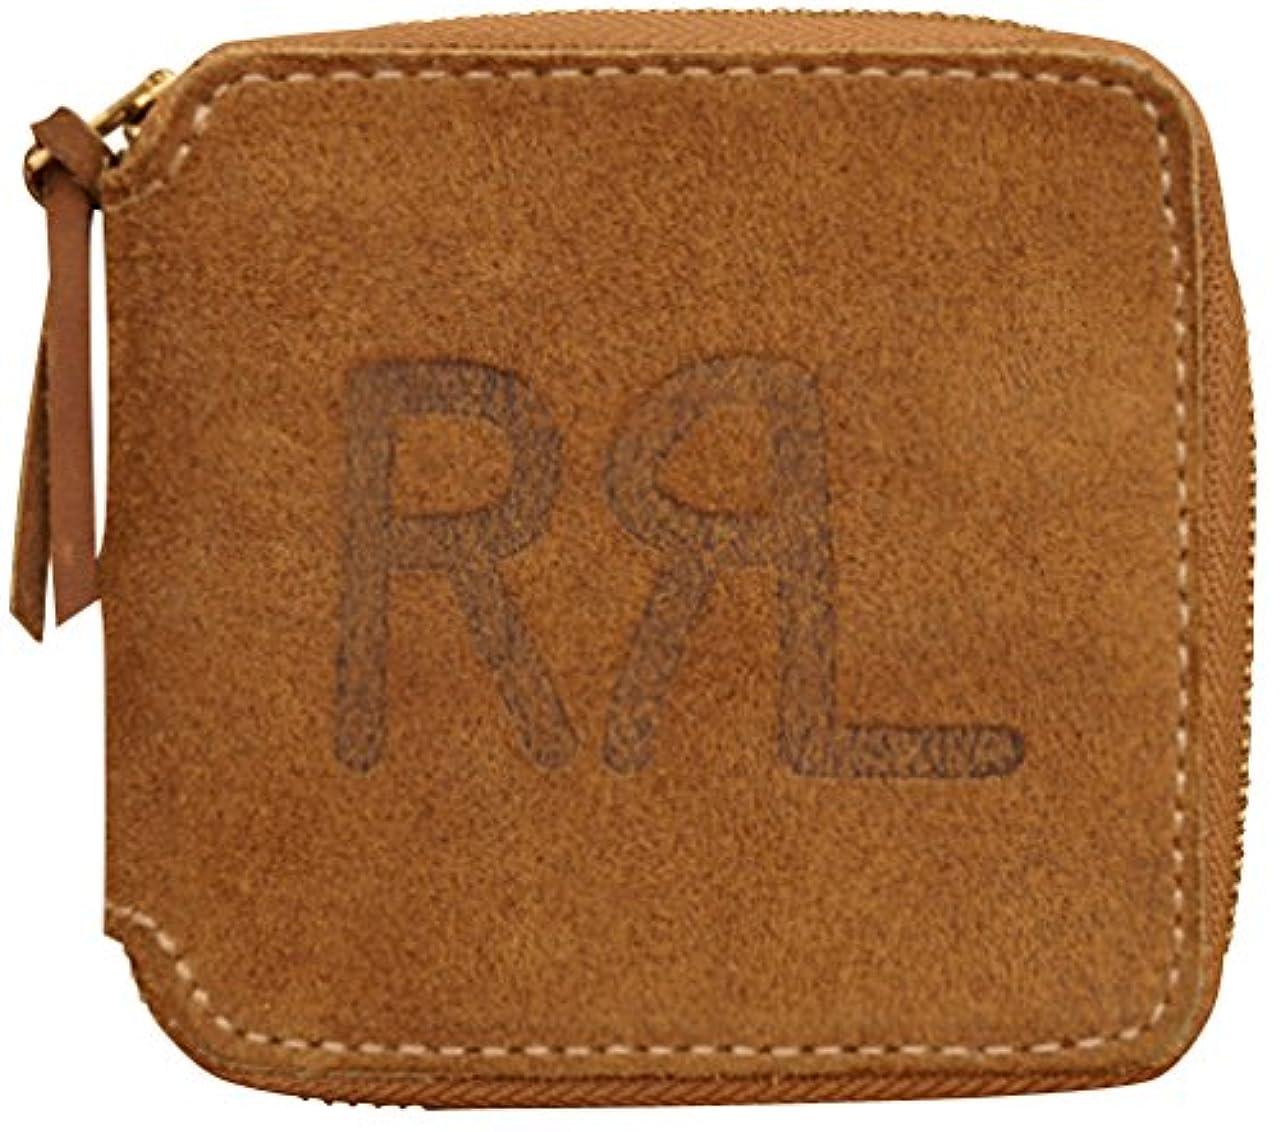 デモンストレーション巡礼者ヒューズ(ダブルアールエル) RRL 米国製 ラフアウト レザー ジップ ウォレット Roughout Leather Zip Wallet 並行輸入品 [並行輸入品]